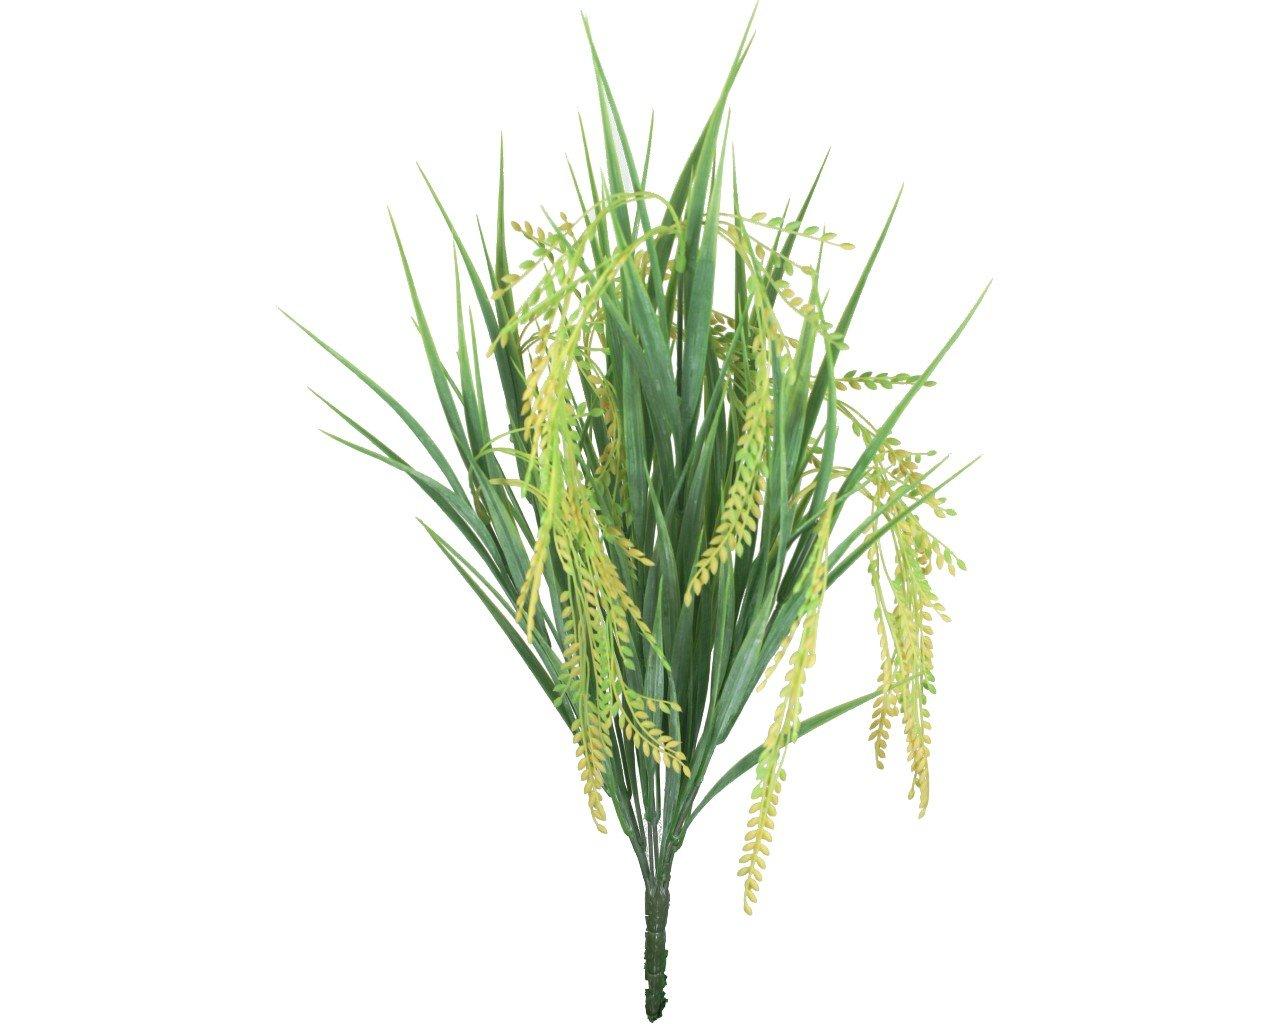 [勁果UJ]PVC7頭稻穗/wheat/人造花草/仿真花草/柵欄圍籬/生意盎然/情人節/豐收/穀物/興隆/花藝材料/佈置